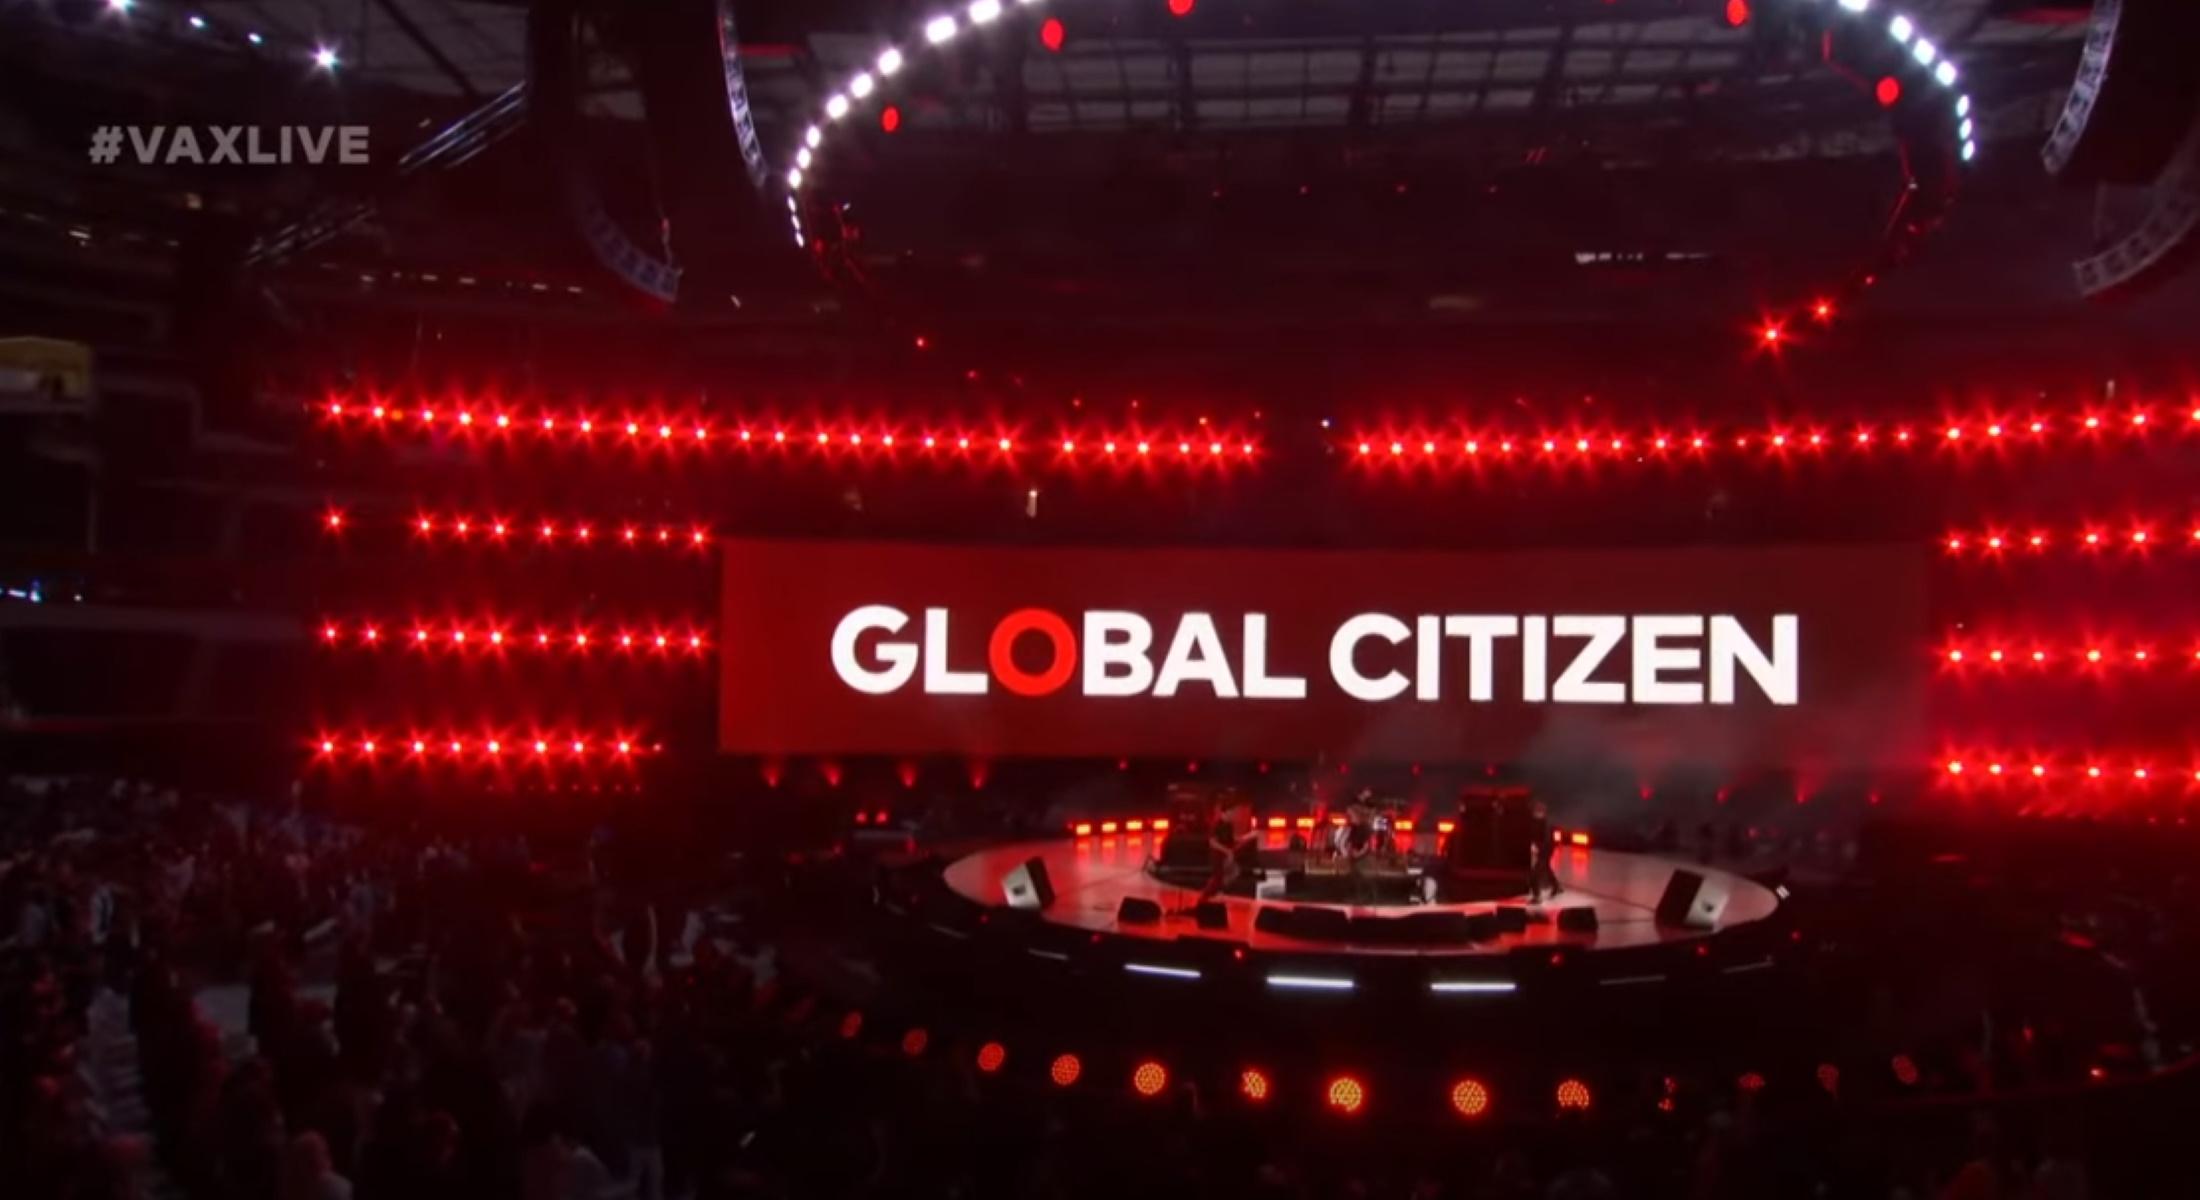 Συναυλία «Vax Live»: Τραγουδιστές, ηθοποιοί και πολιτικοί συγκέντρωσαν τεράστιο ποσό για τα εμβόλια κορονοϊού